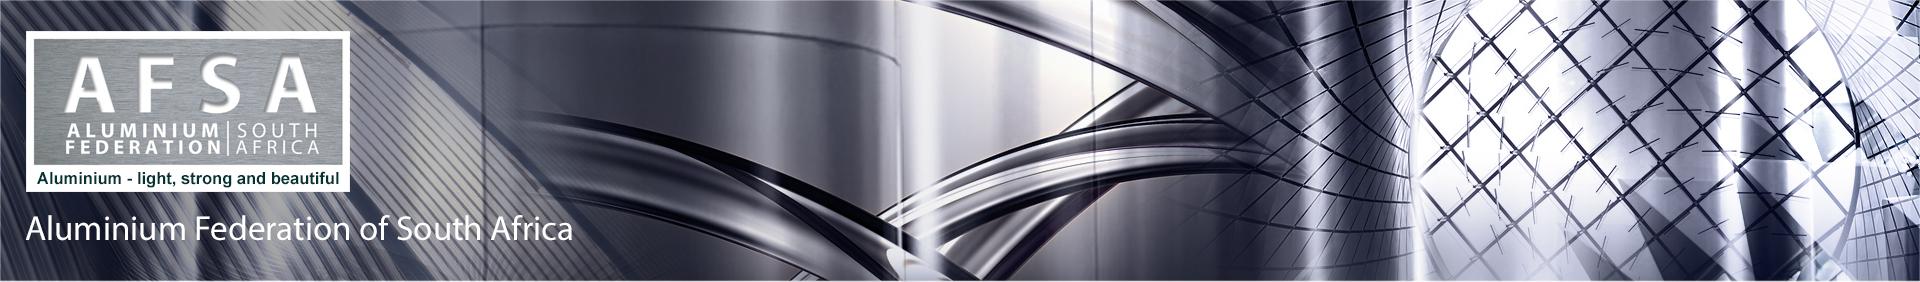 AFSA-Top-Strip-image